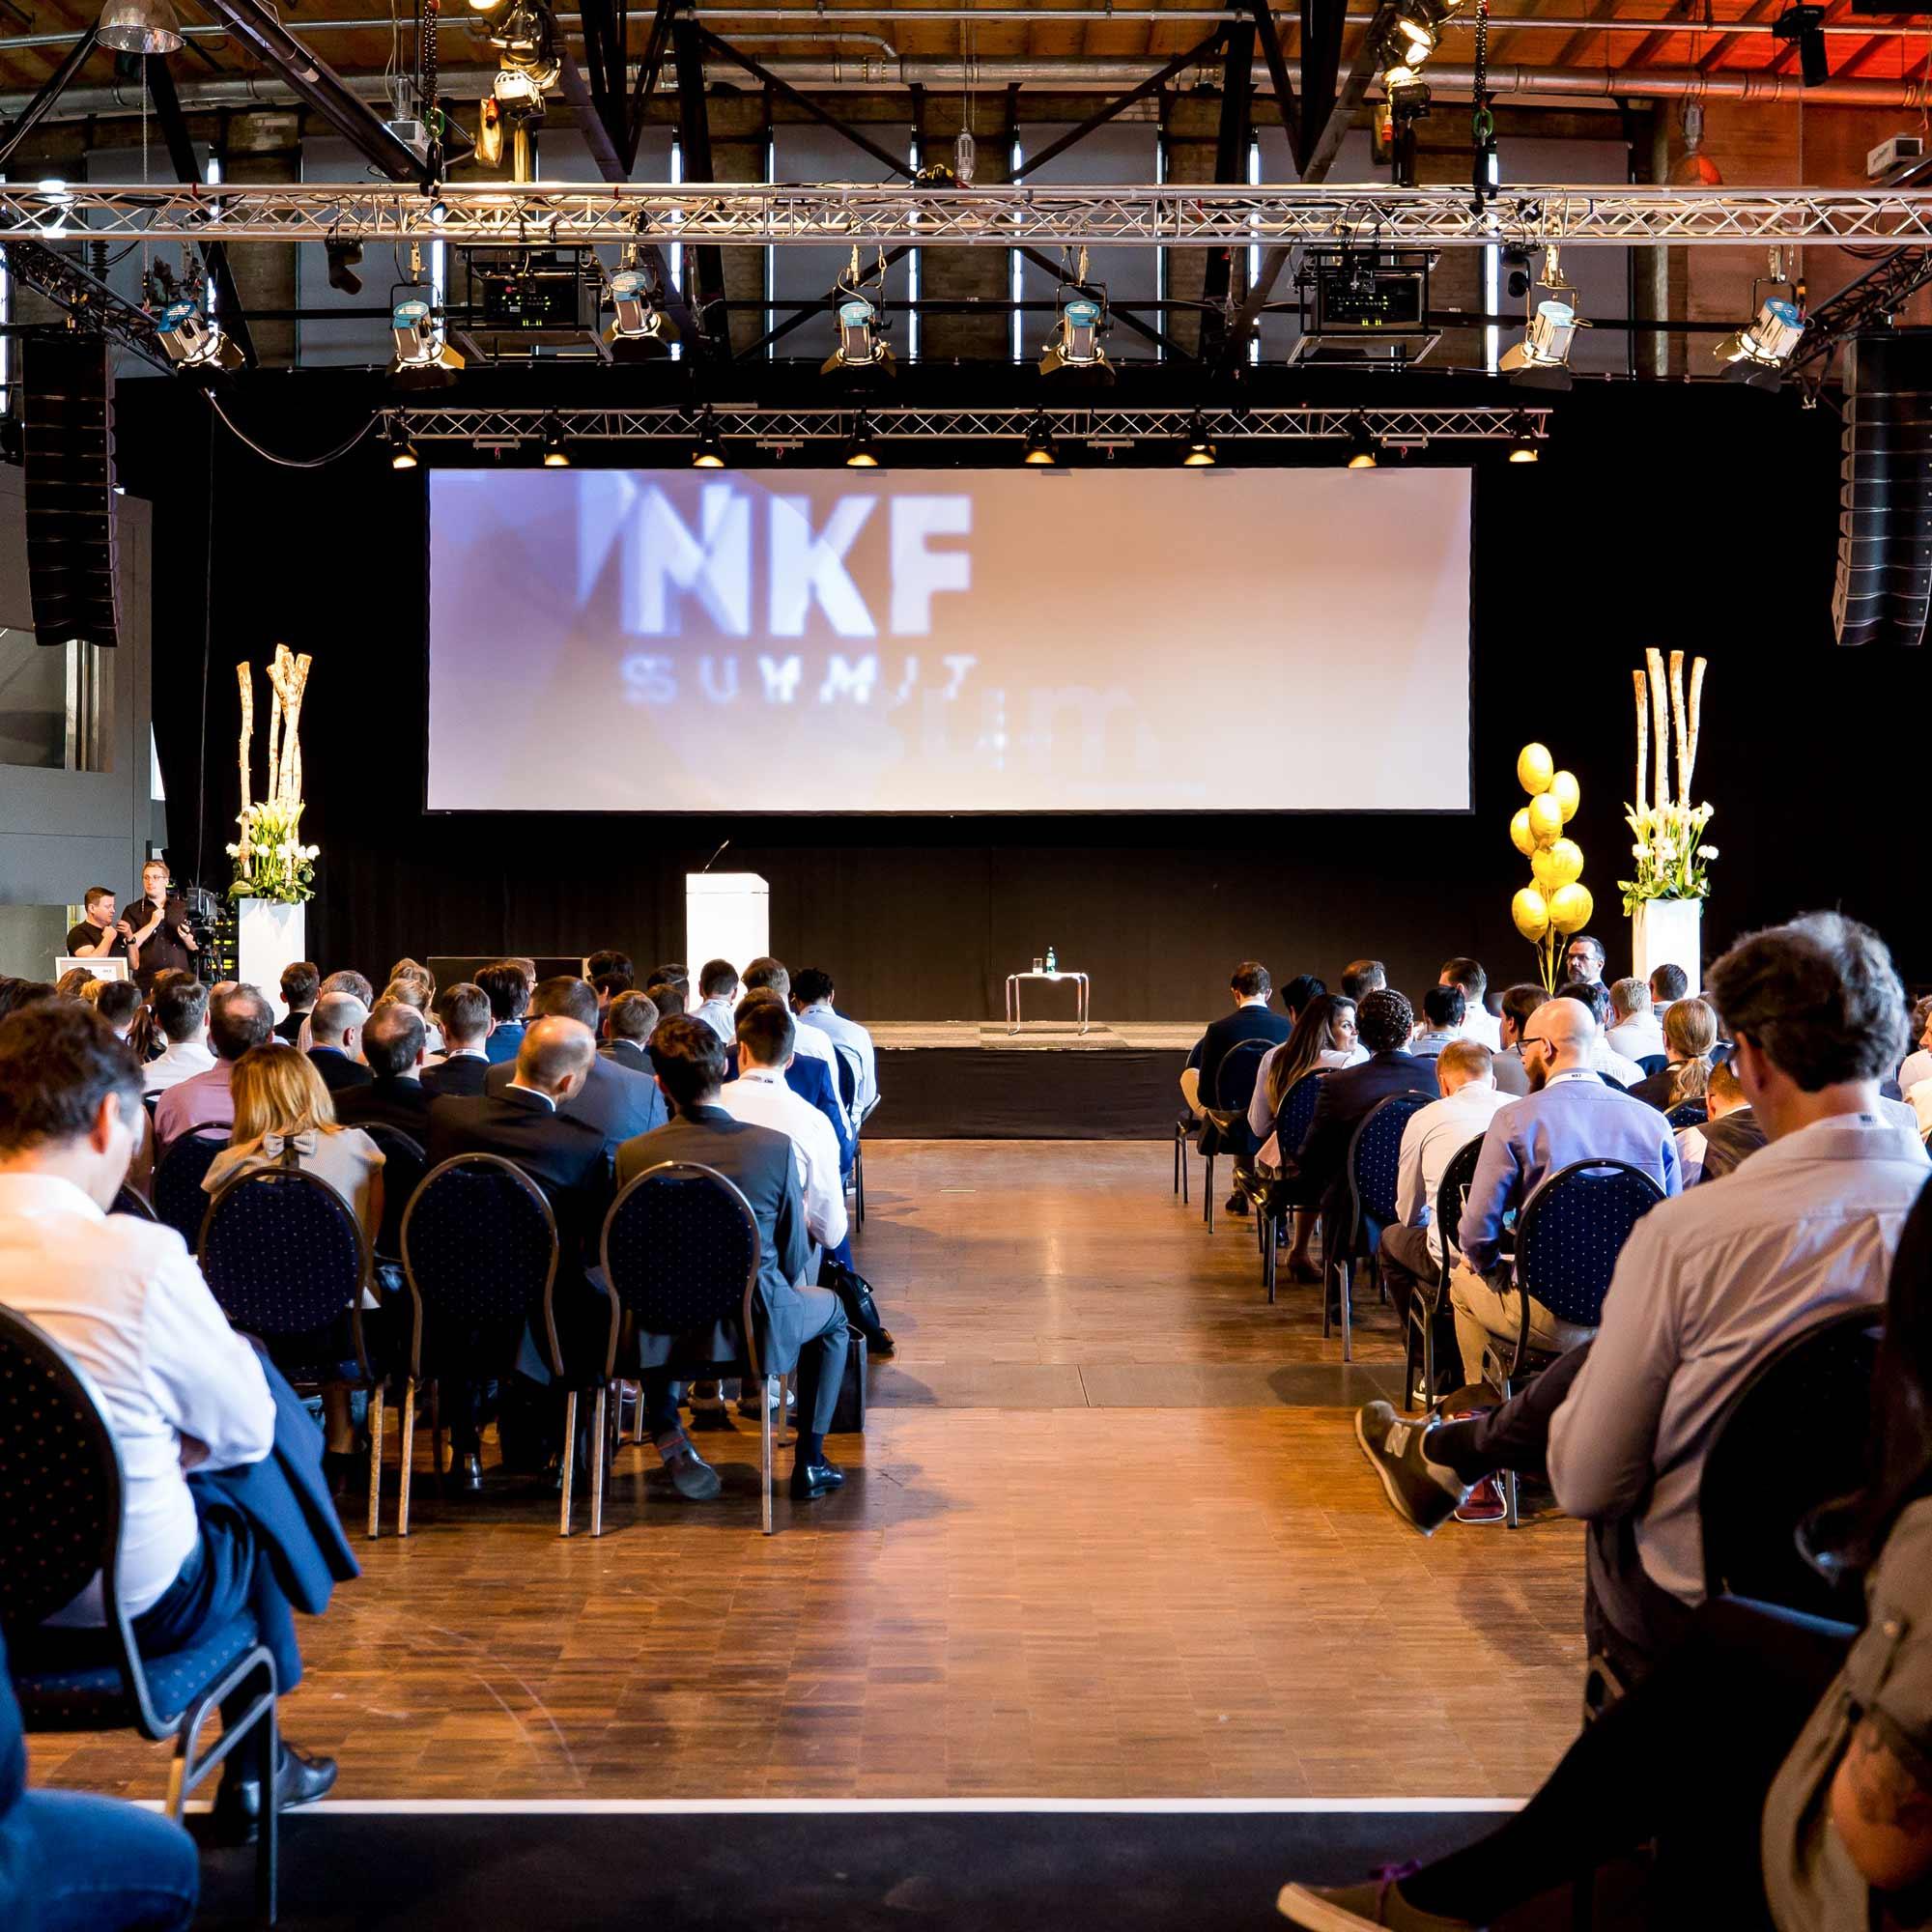 Vortragshalle mit sitzenden Besuchern und Bühne mit großer Leinwand